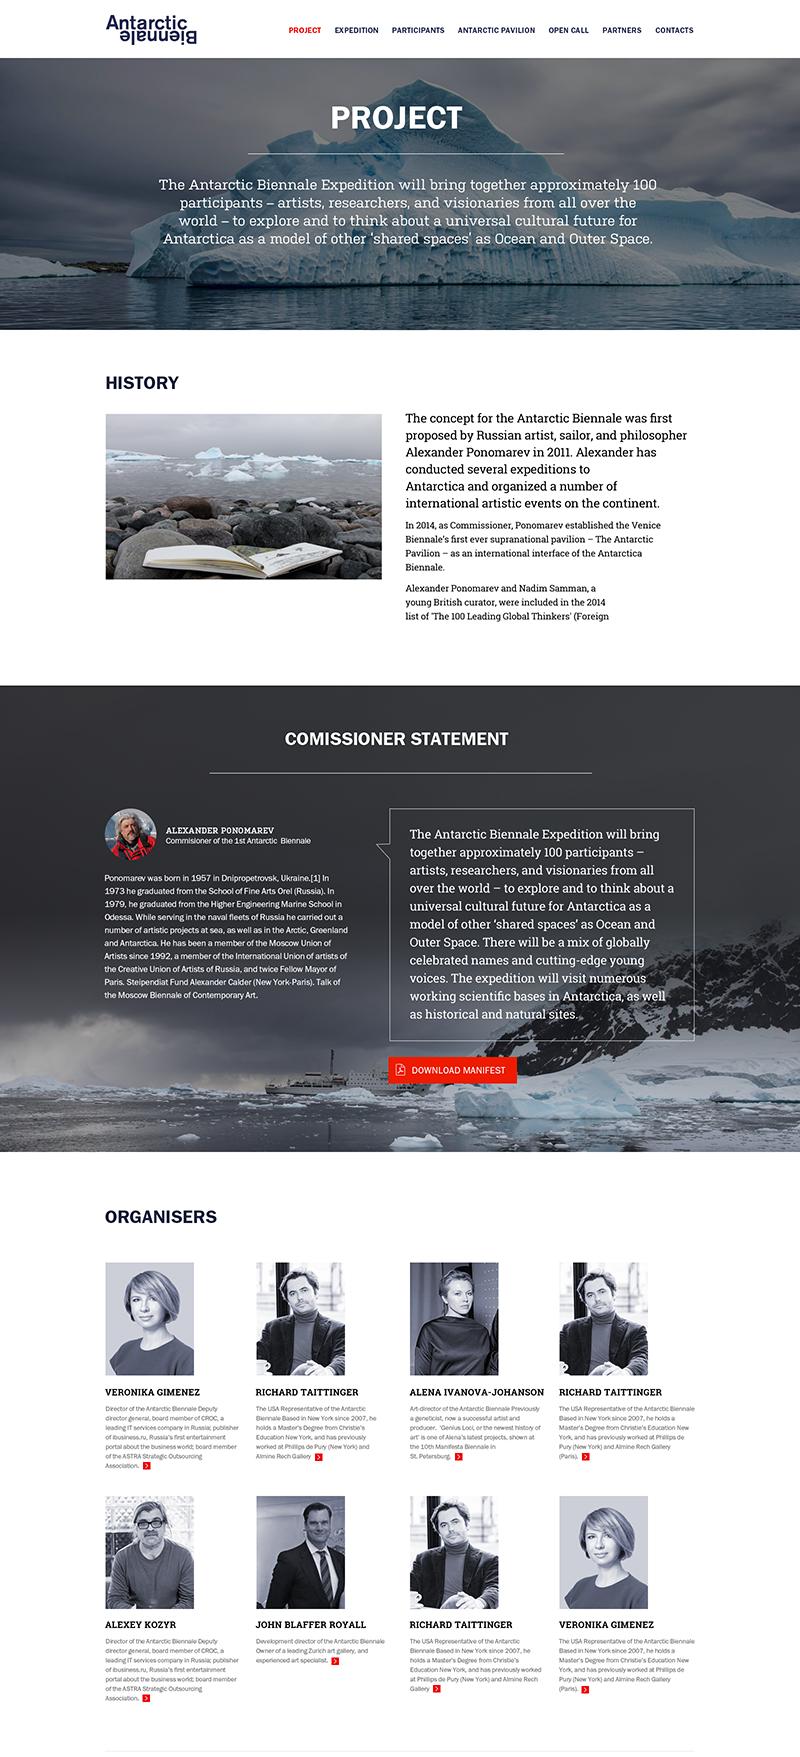 Дизайн страницы с описанием проекта